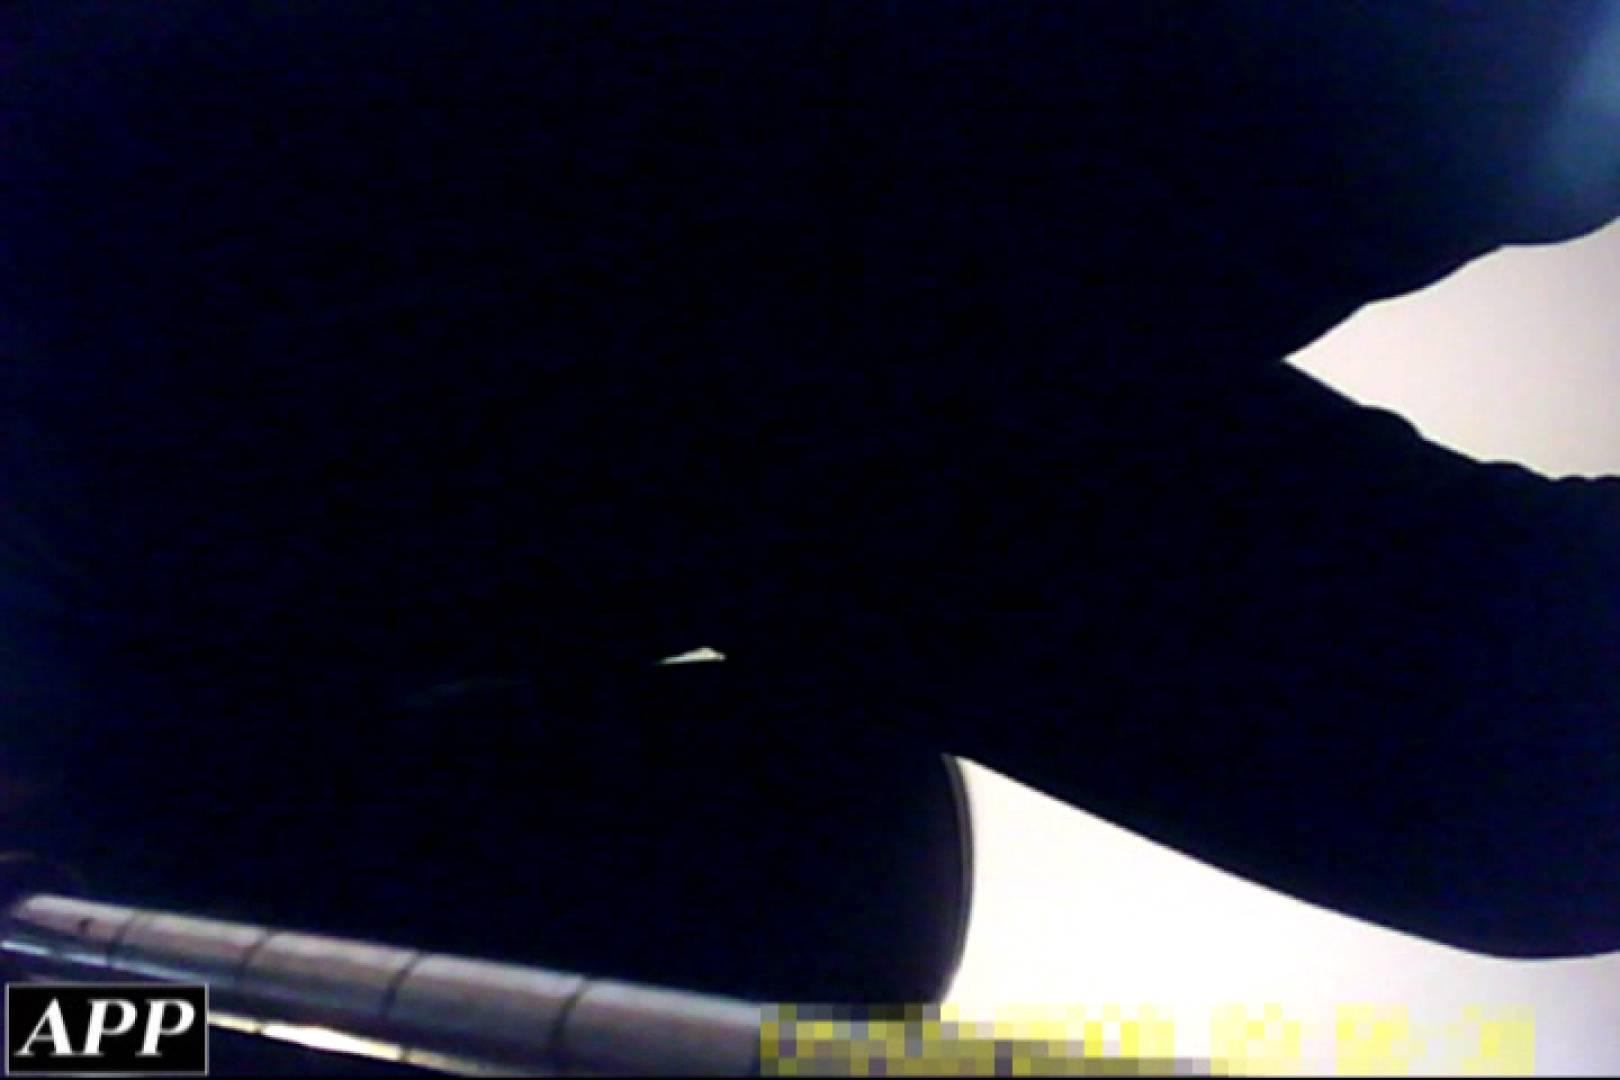 3視点洗面所 vol.124 お姉さん達のオマンコ ヌード画像 65連発 47